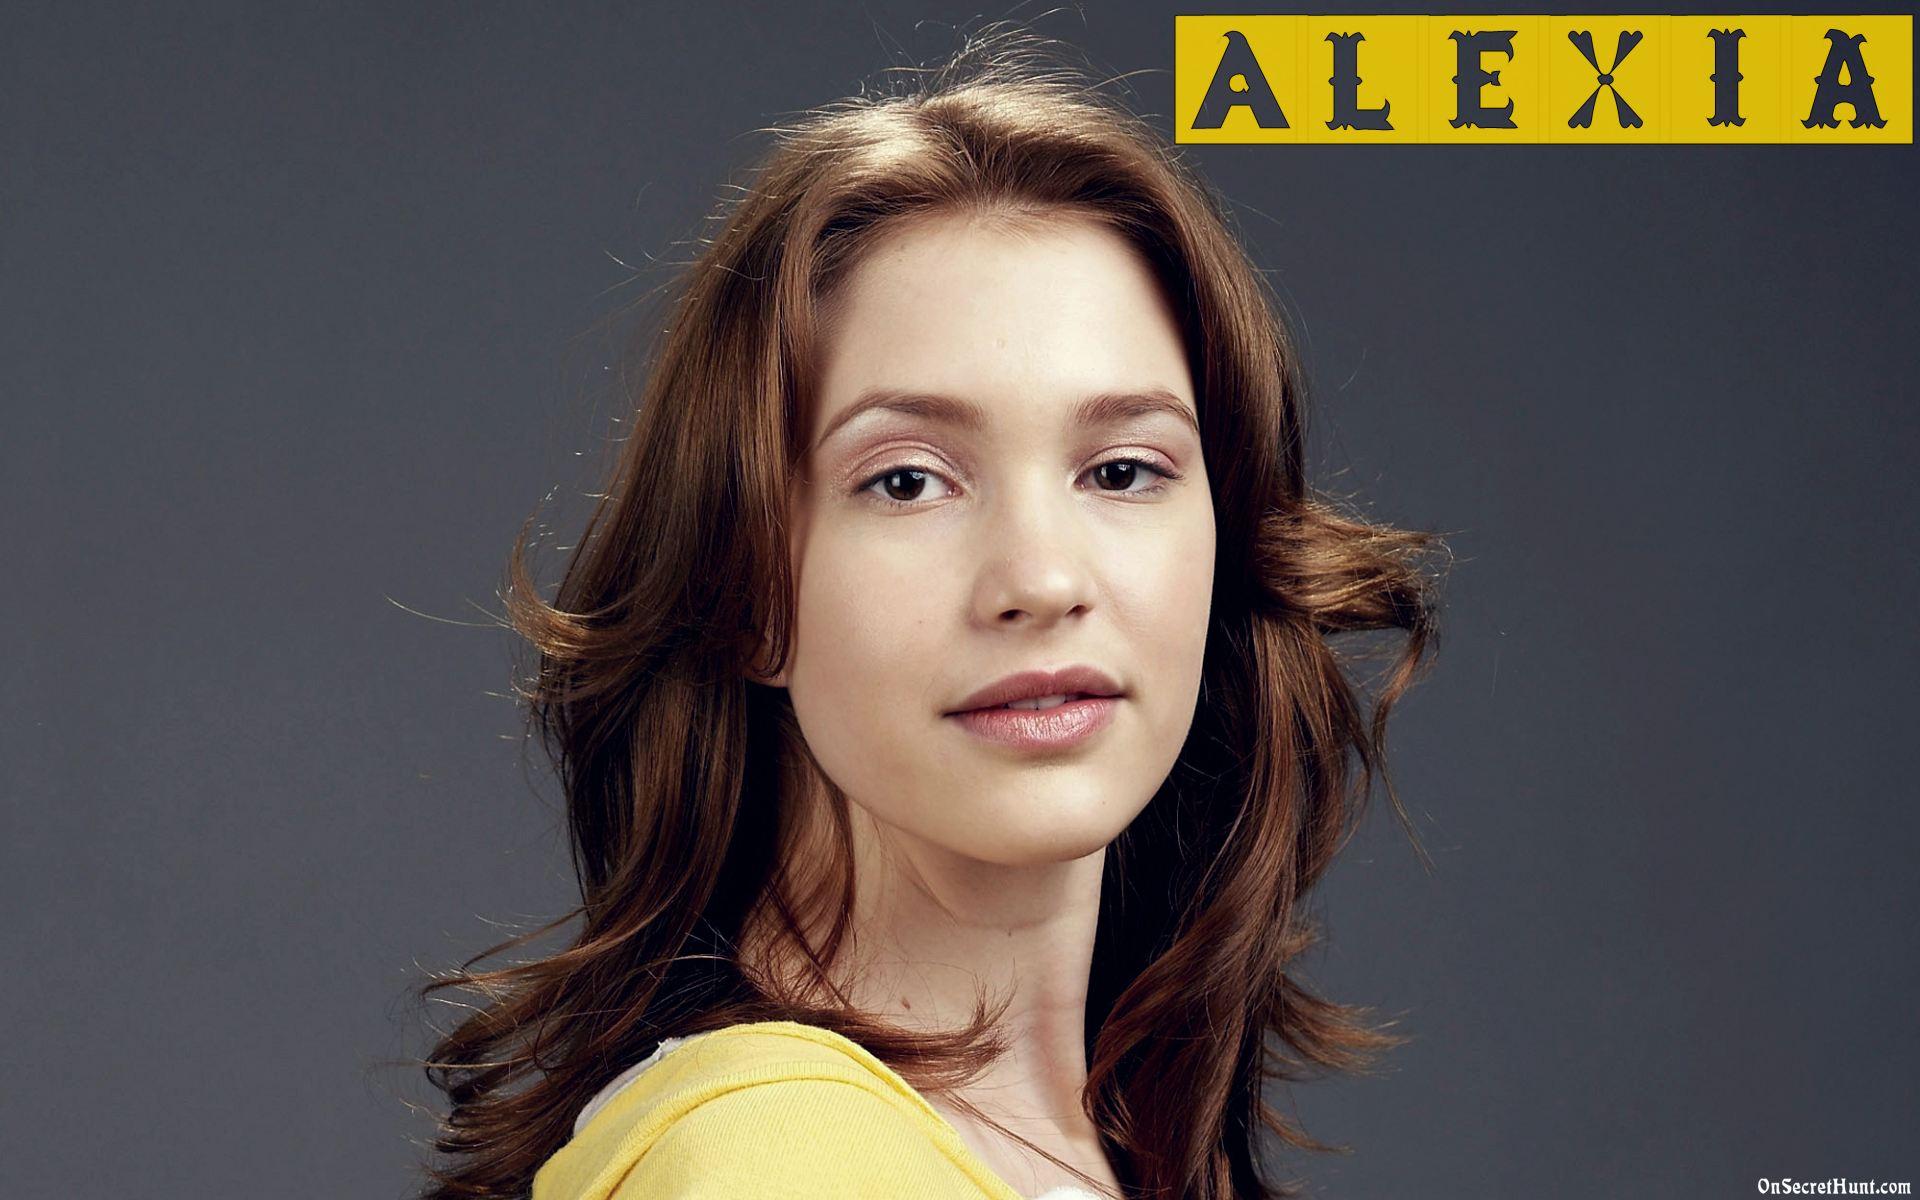 Alexia Fast Quotes. QuotesGram